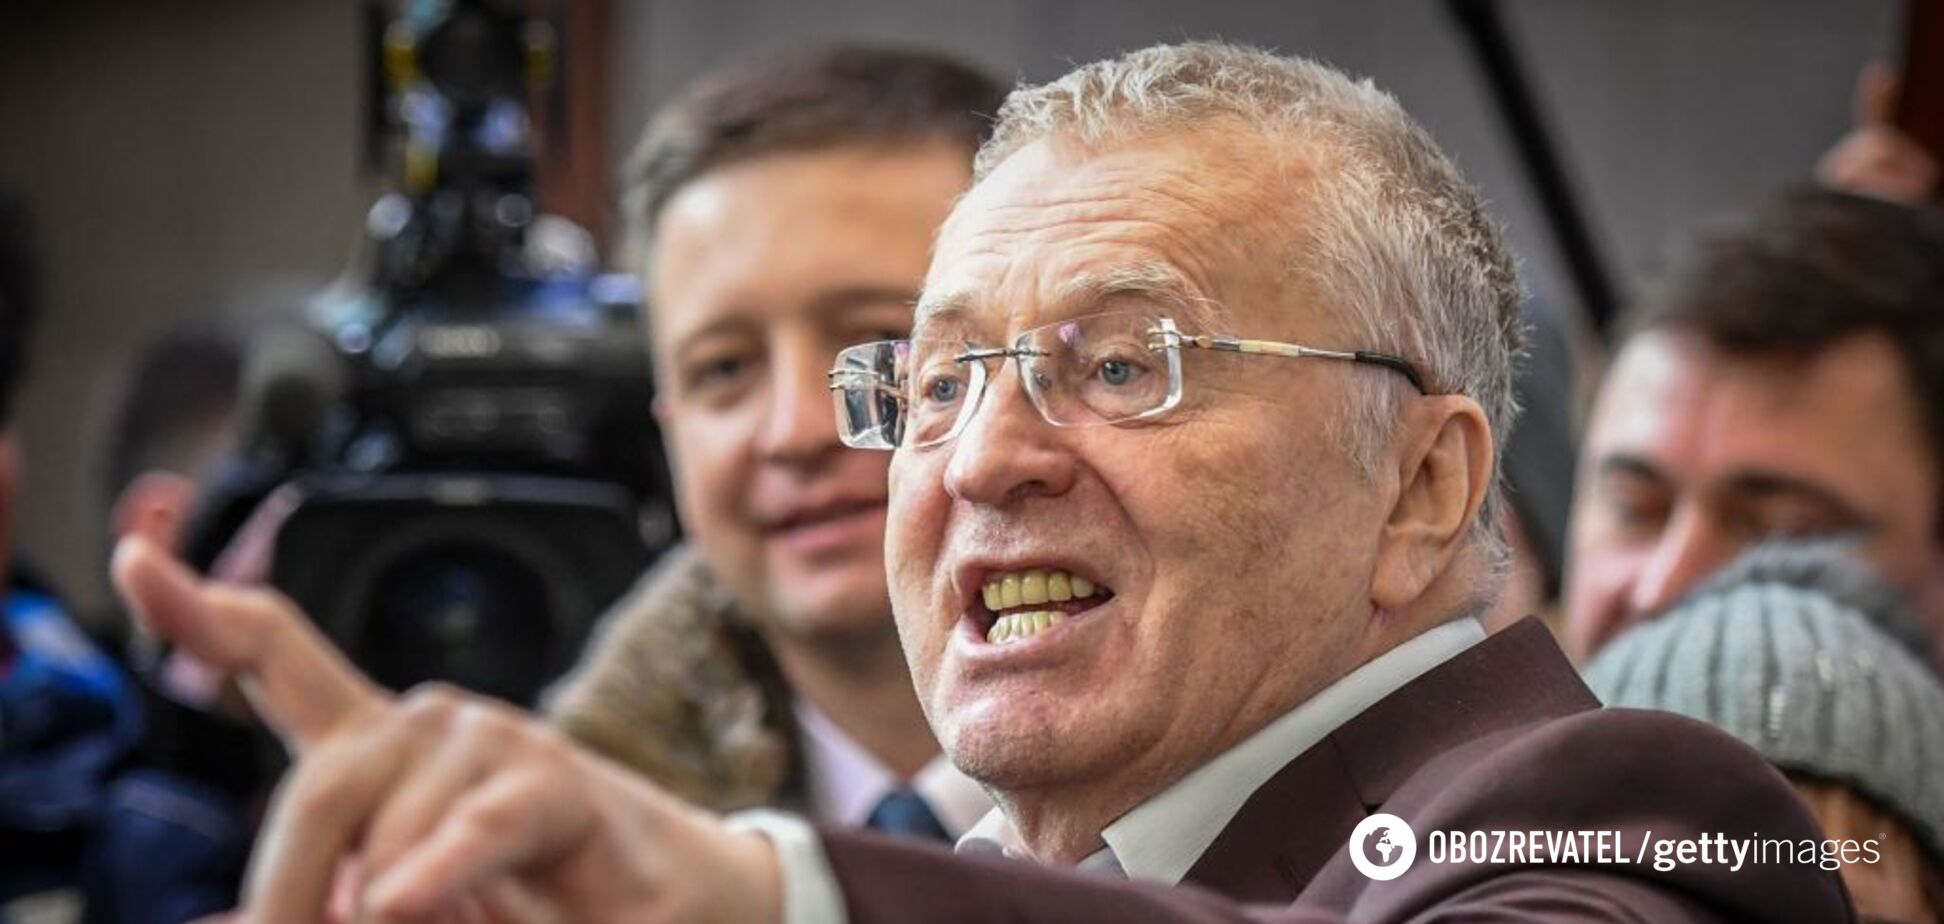 Жириновський прибув на мітинг у Росії на трійці коней. Відео та реакція мережі